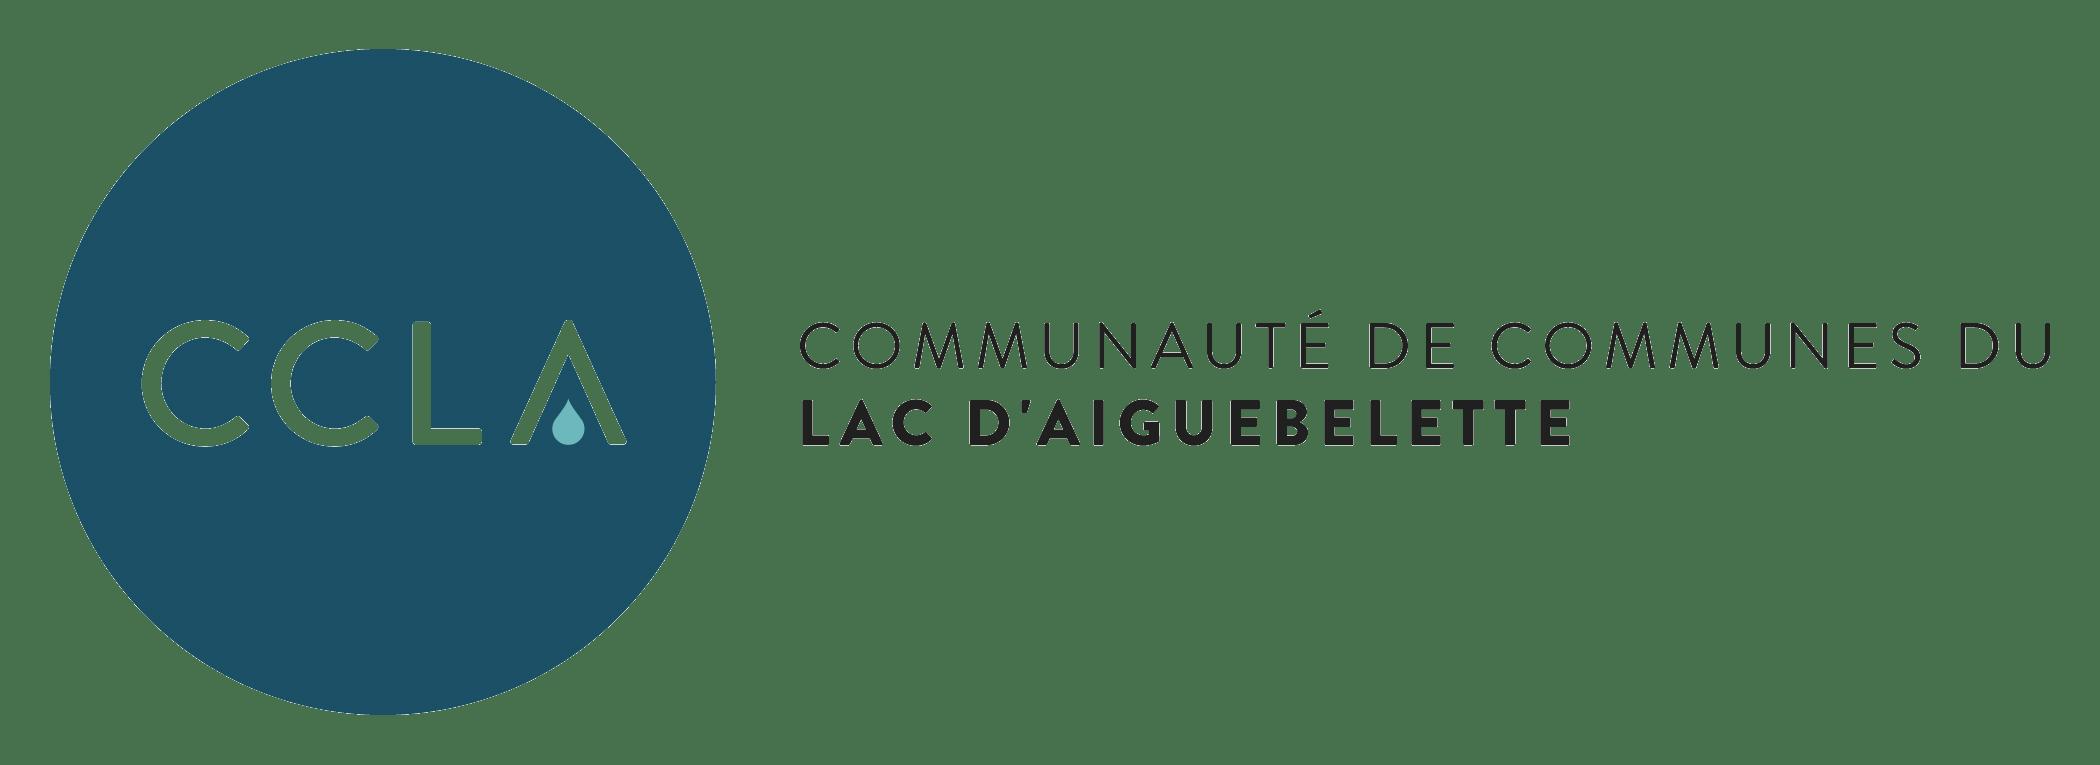 Logo Communauté de Communes du Lac d'Aiguebelette